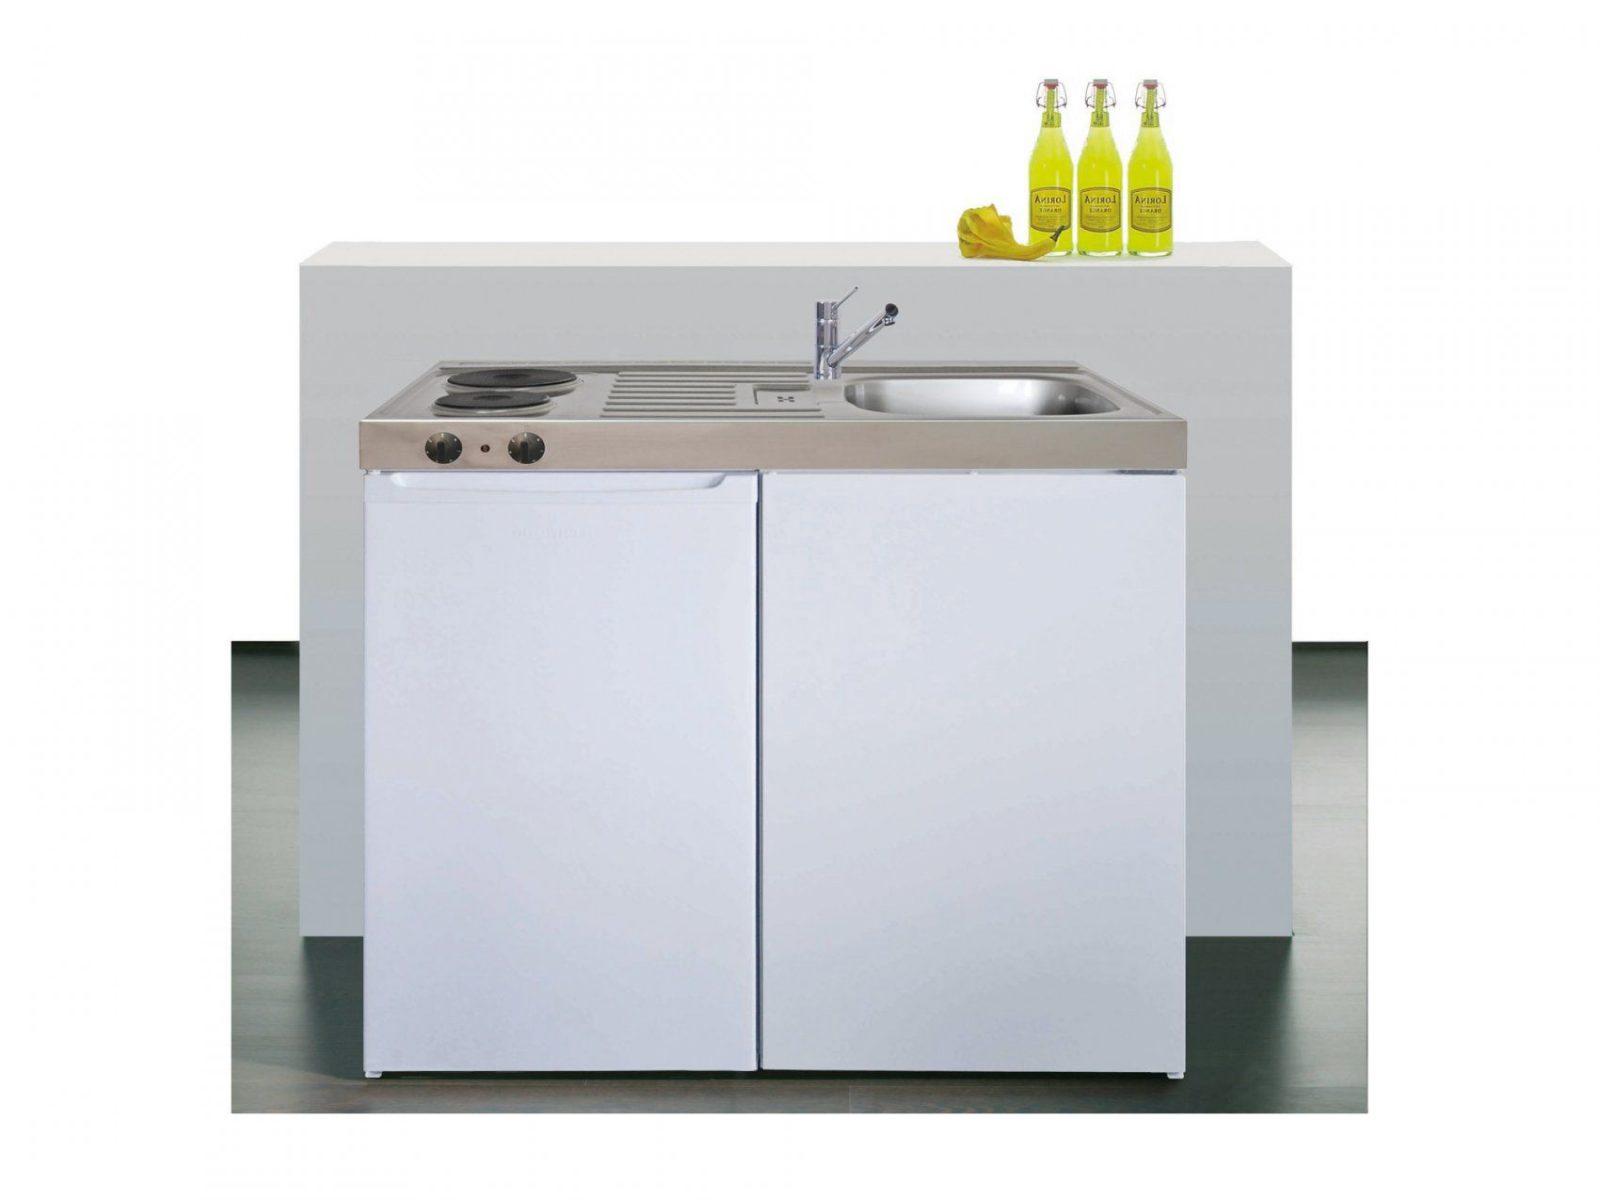 Pantryküche Mit Kühlschrank Ke95 – Hitoiro von Pantryküche Mit Kühlschrank 120 Bild